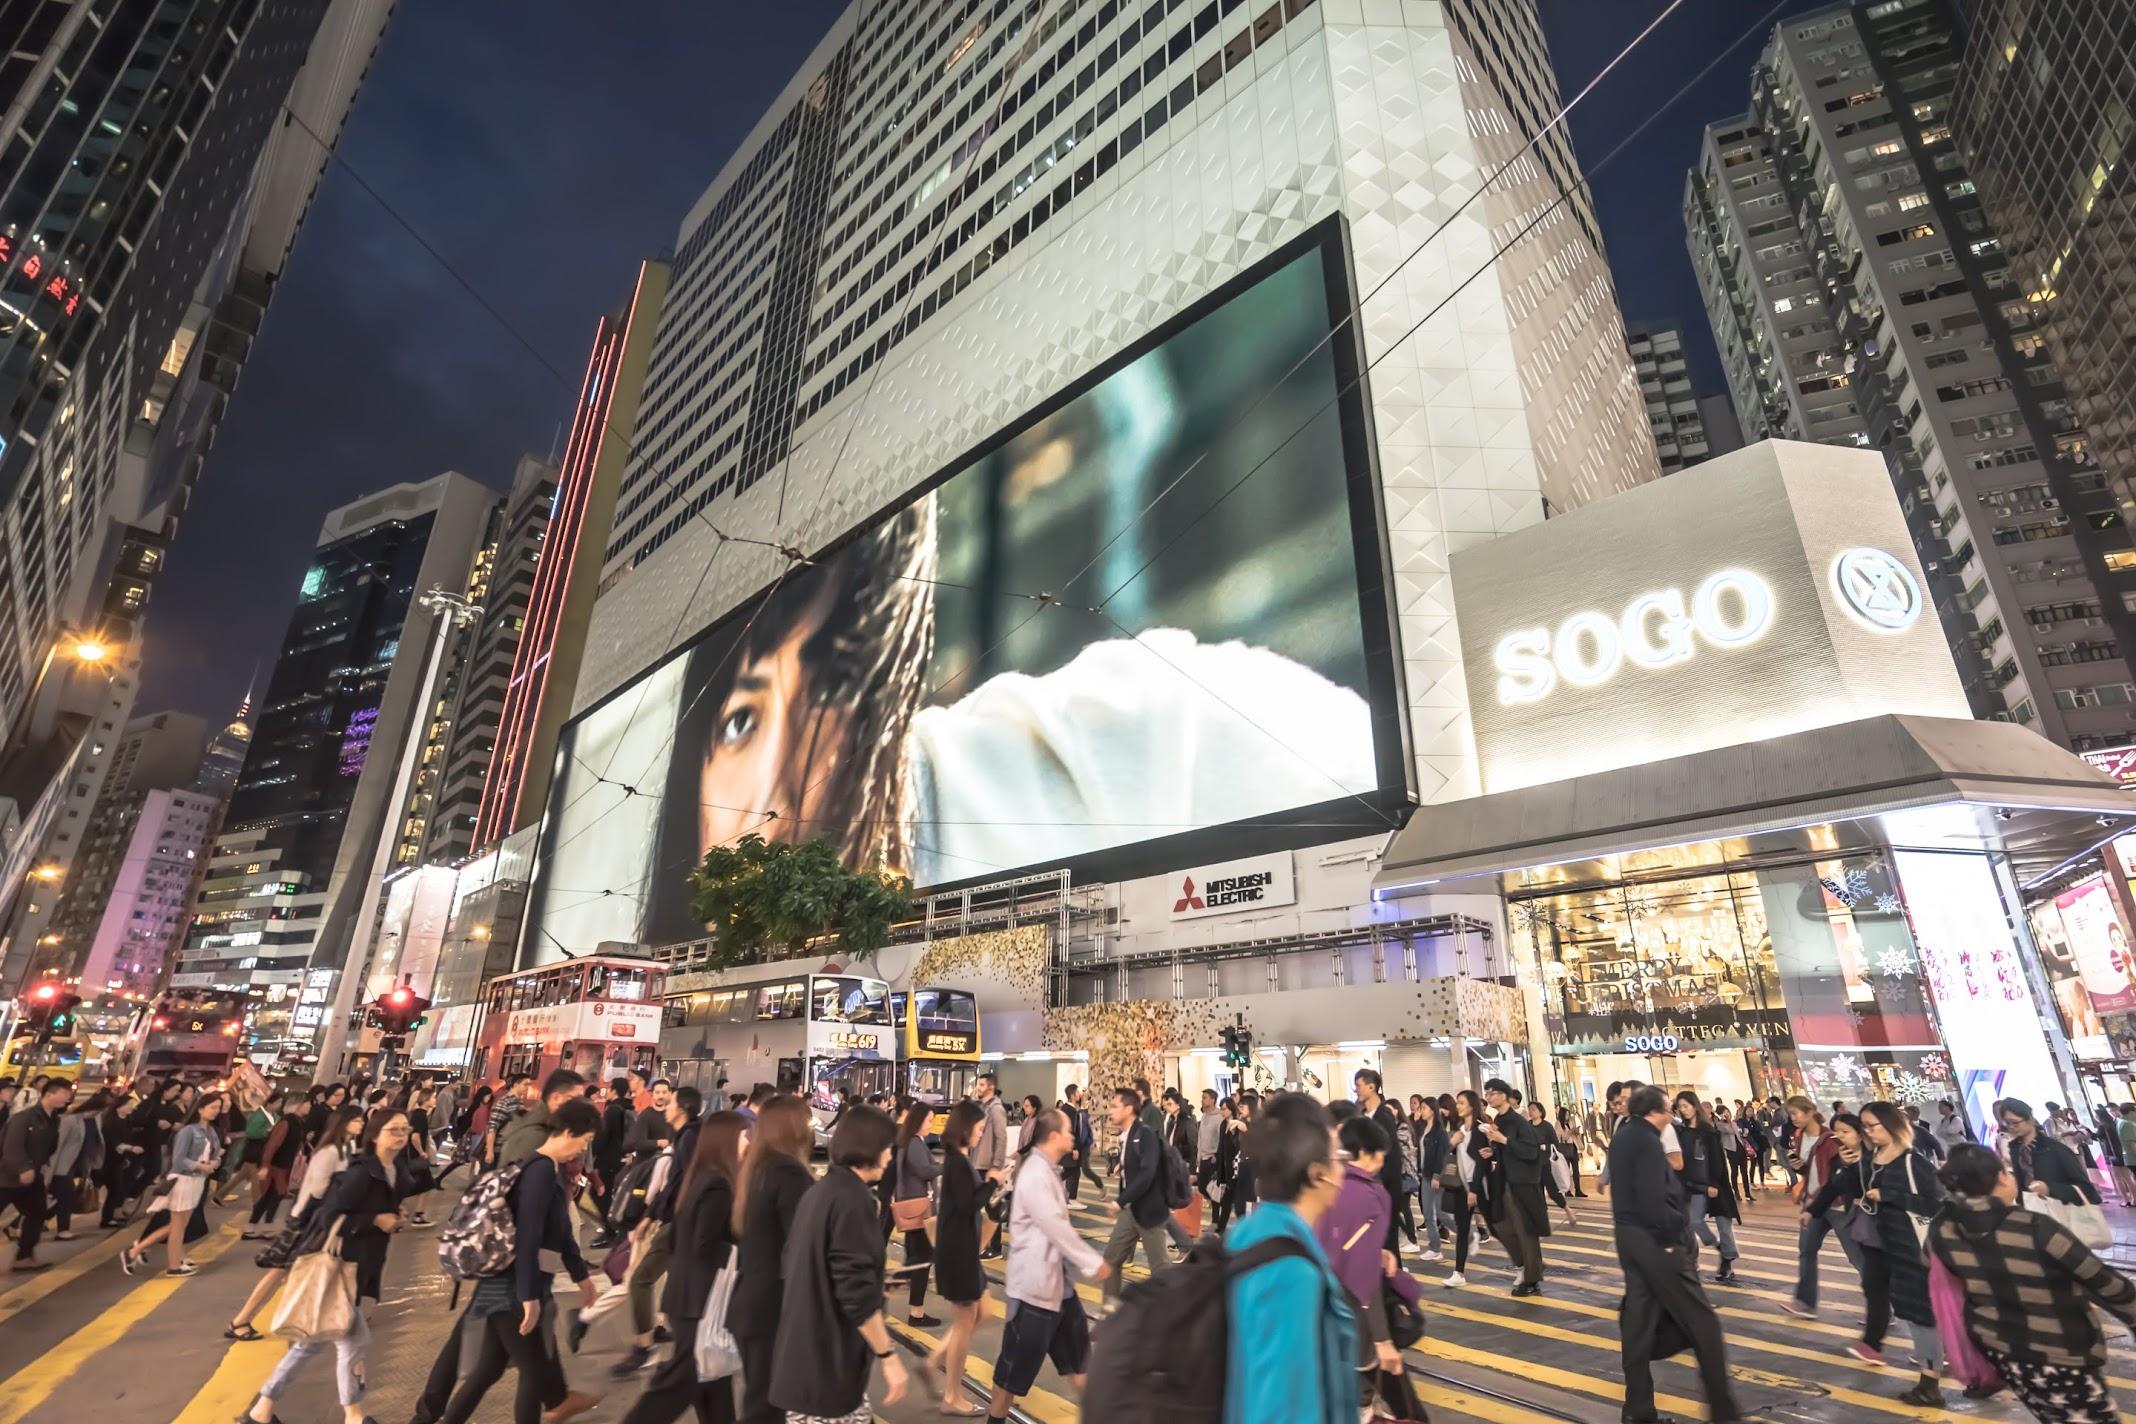 香港旅行記 その9 夜の銅鑼灣・灣仔&スターフェリーから見る香港の夜景 | KOSUBLOG